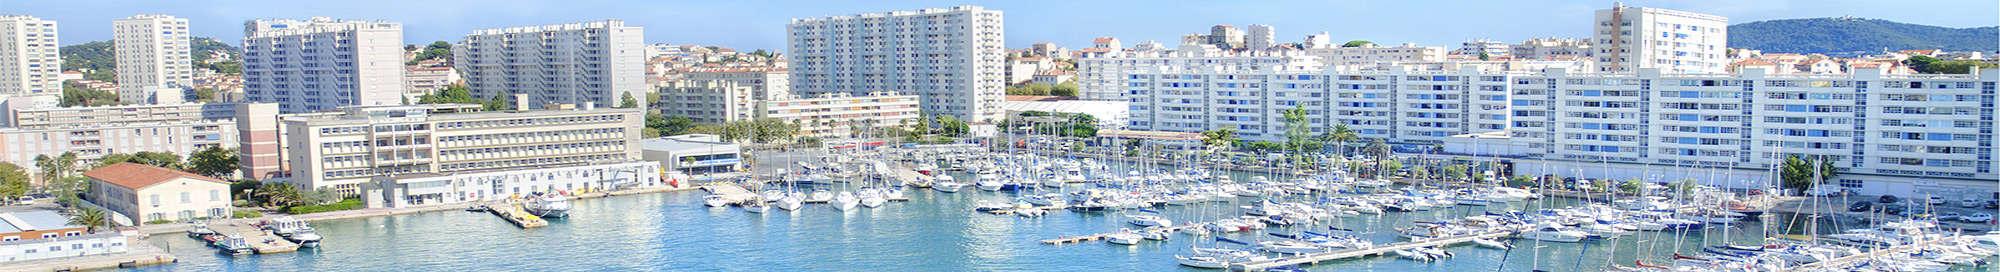 Week-end et séjour à Toulon